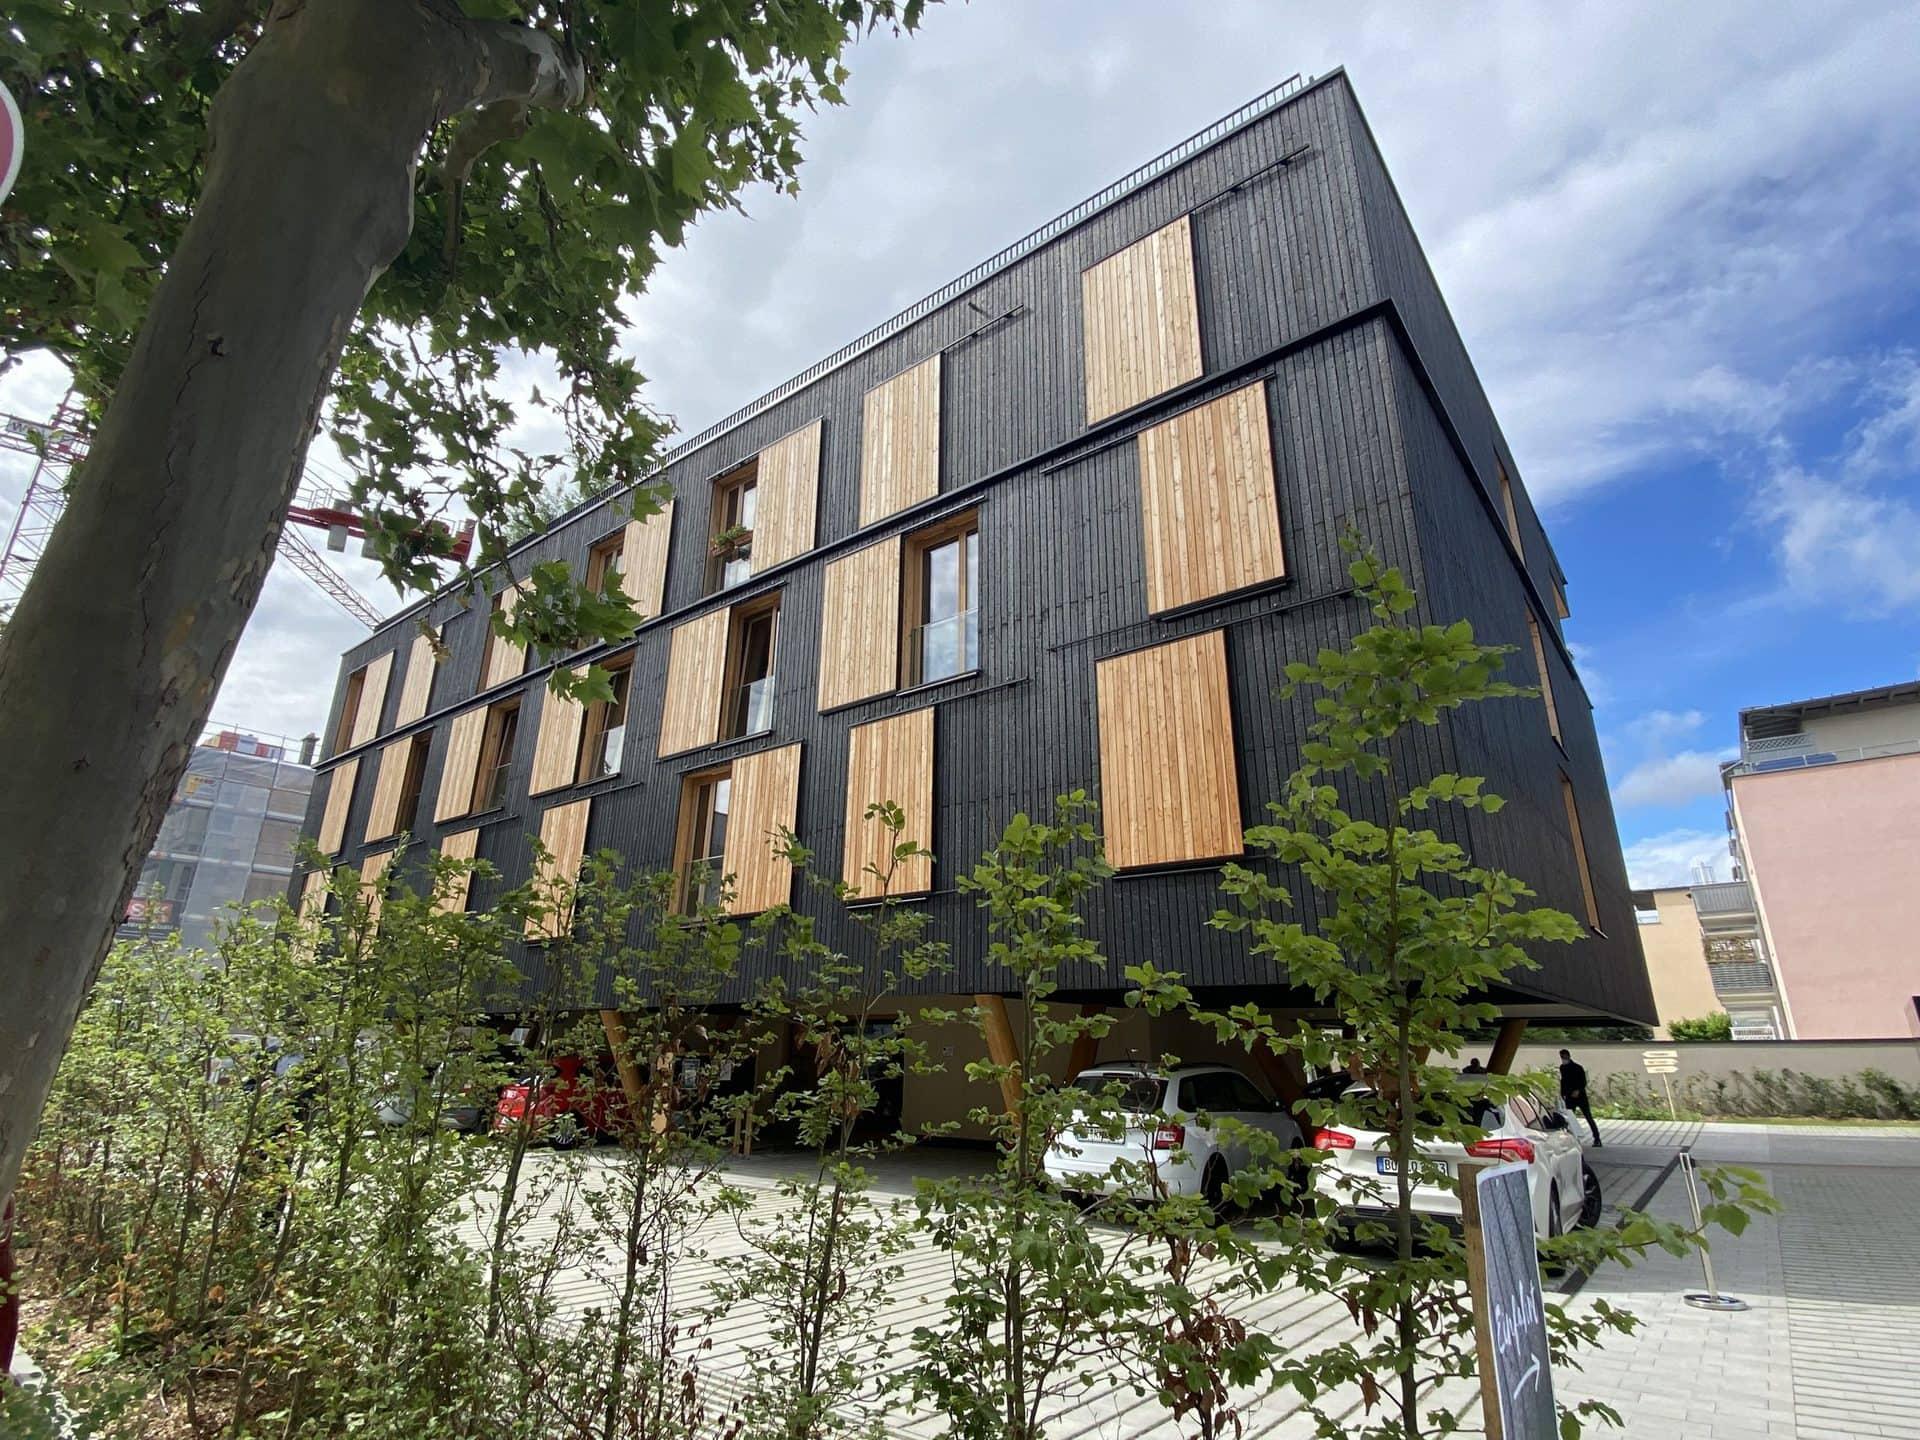 """Forstministerin Kaniber eröffnet Mehrfamilienhaus """"Haus auf Stelzen"""" Ökologisches Wohnen"""